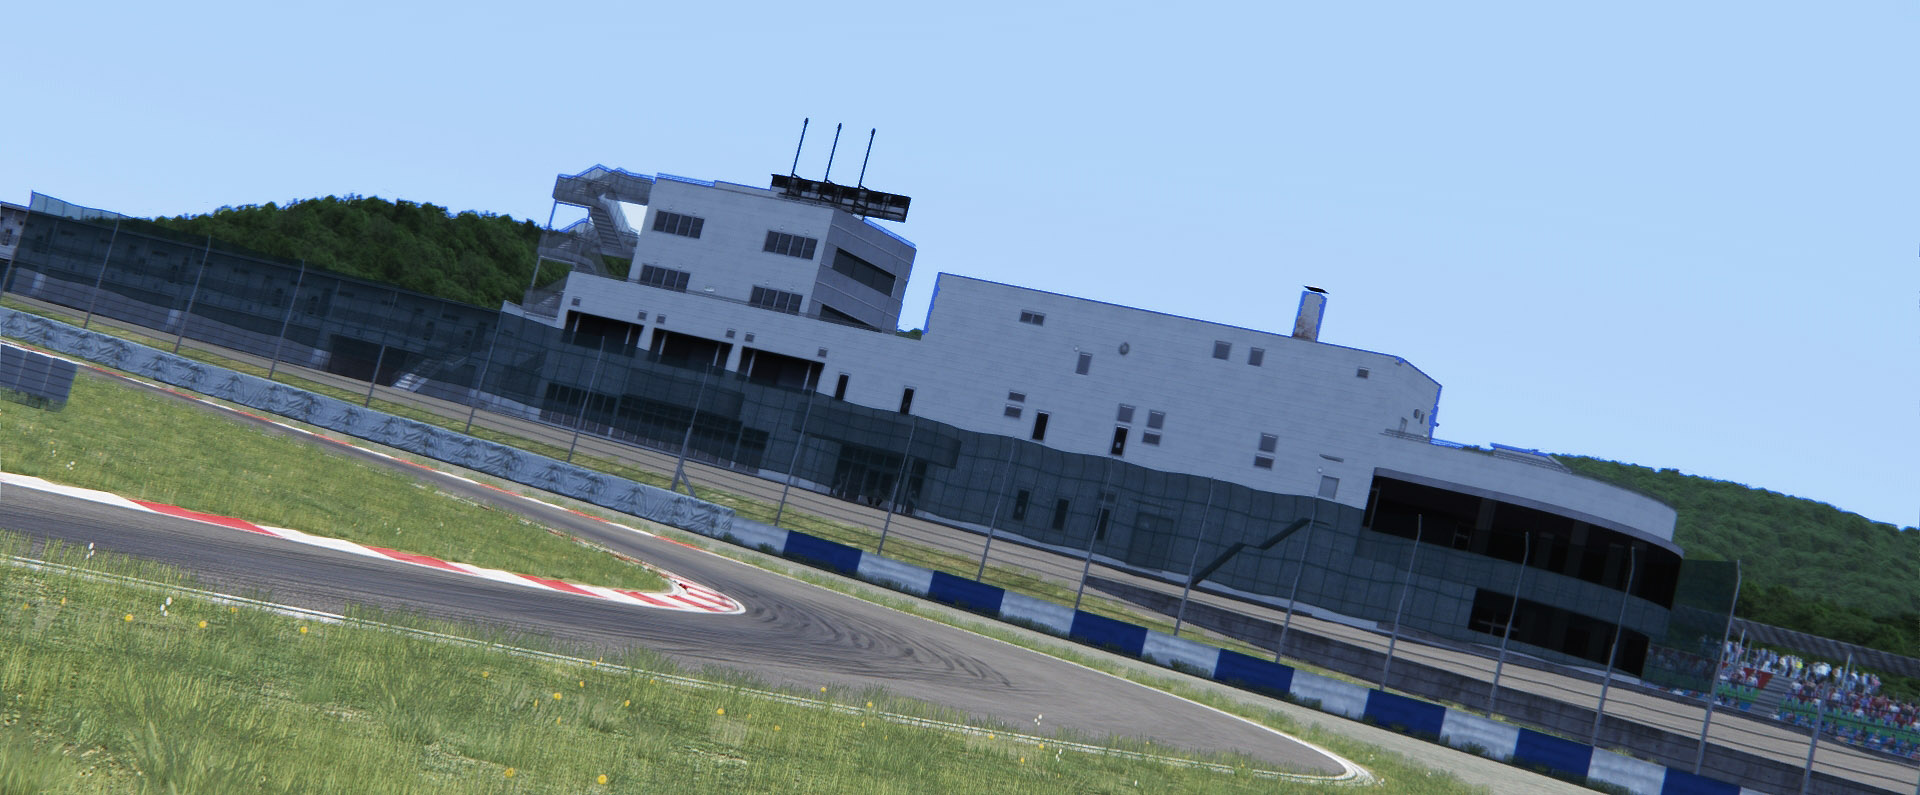 Assetto Corsa okayama-international-circuit